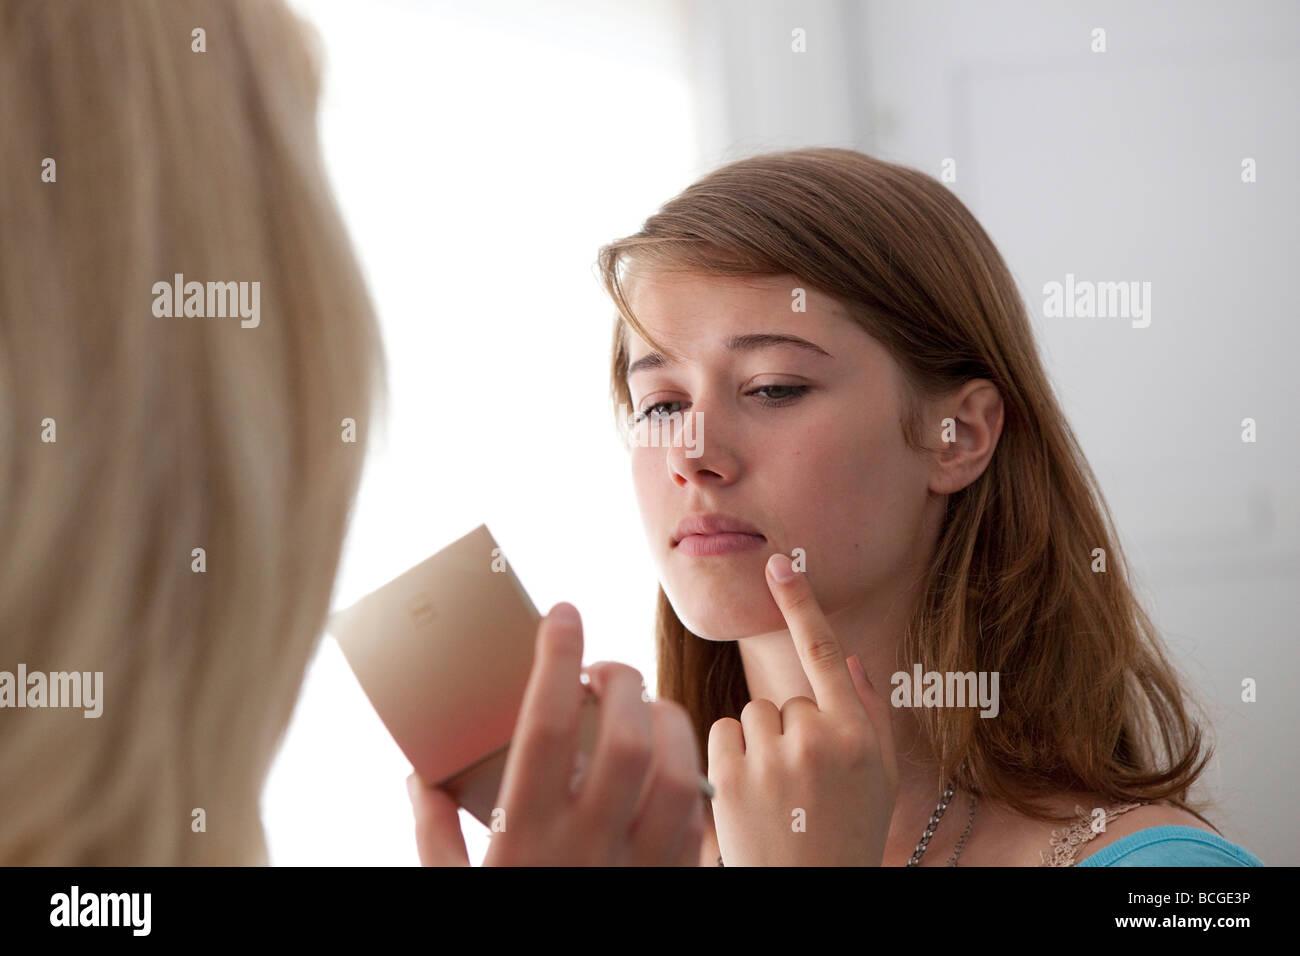 Adolescente à la recherche dans le miroir pour des boutons Photo Stock